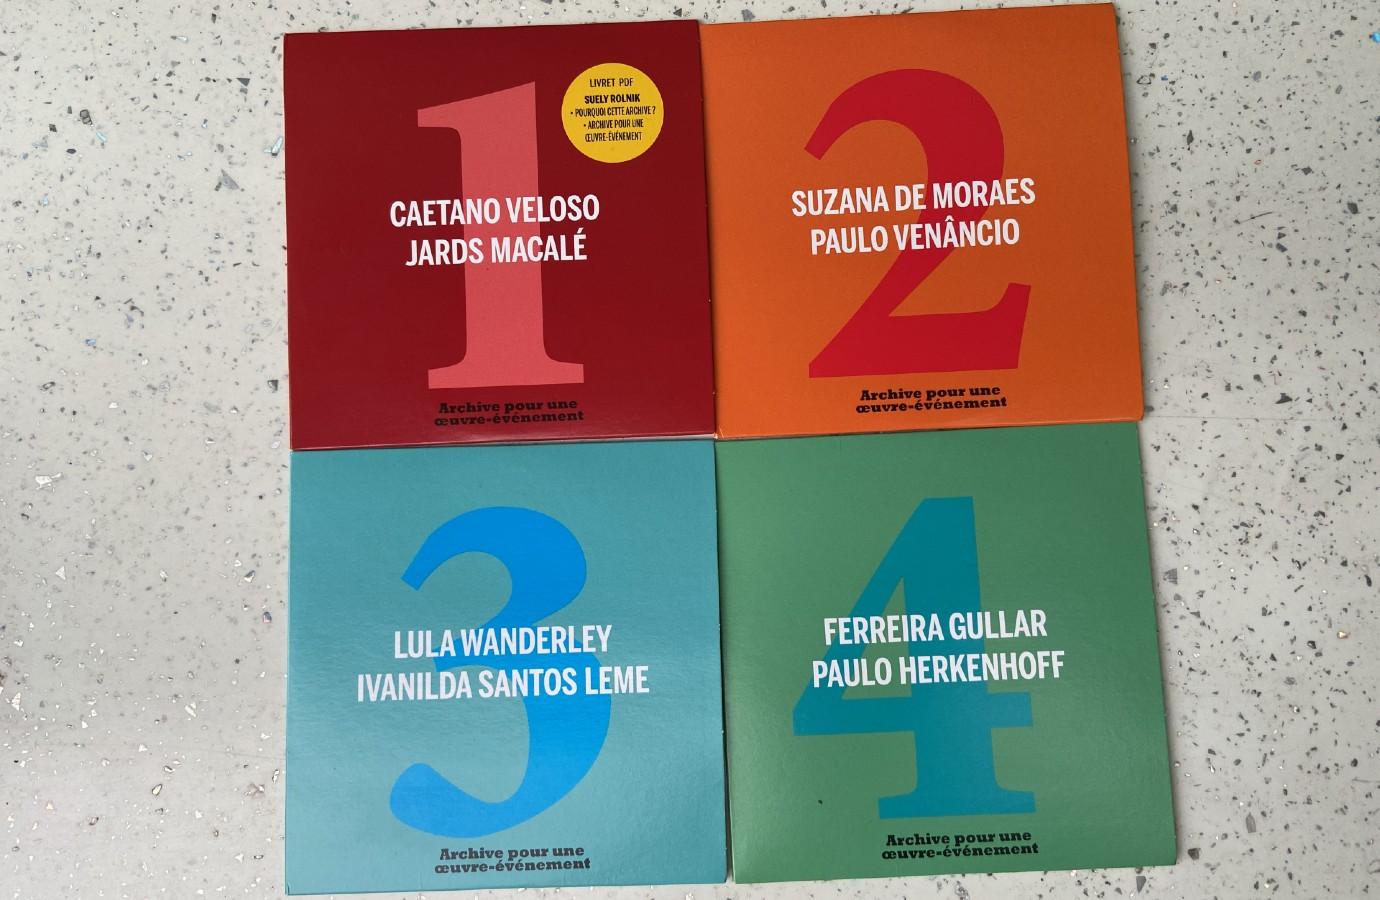 Am invitat artiști să facă recomandări din Mediateca CNDB. Mădălina Dan propune o colecție de DVD-uri despre Lygia Clark.